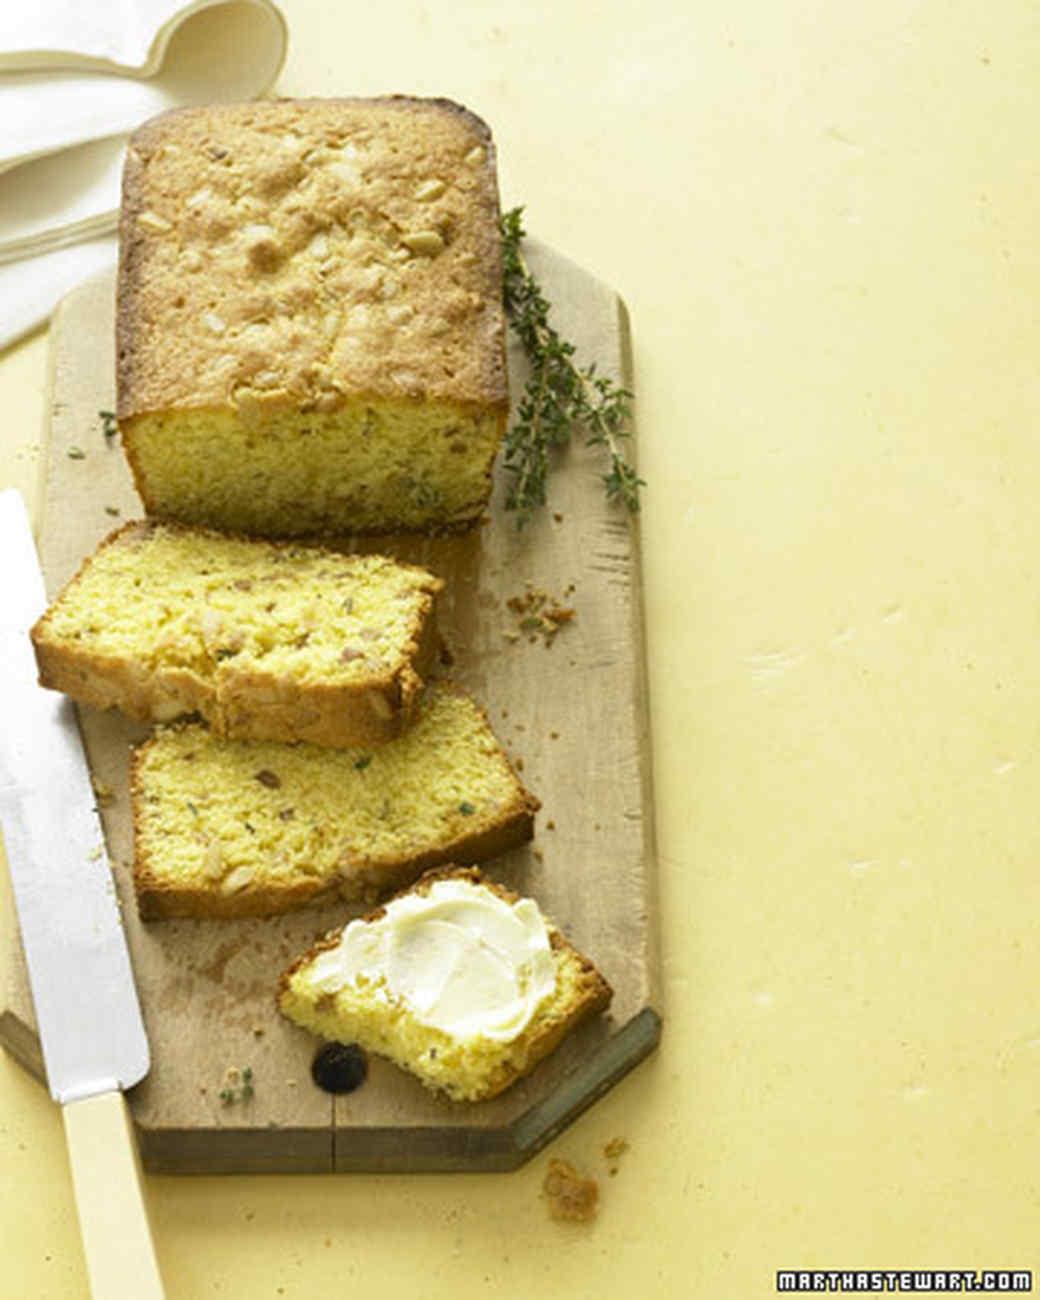 msl_sept06_dessert_bread.jpg